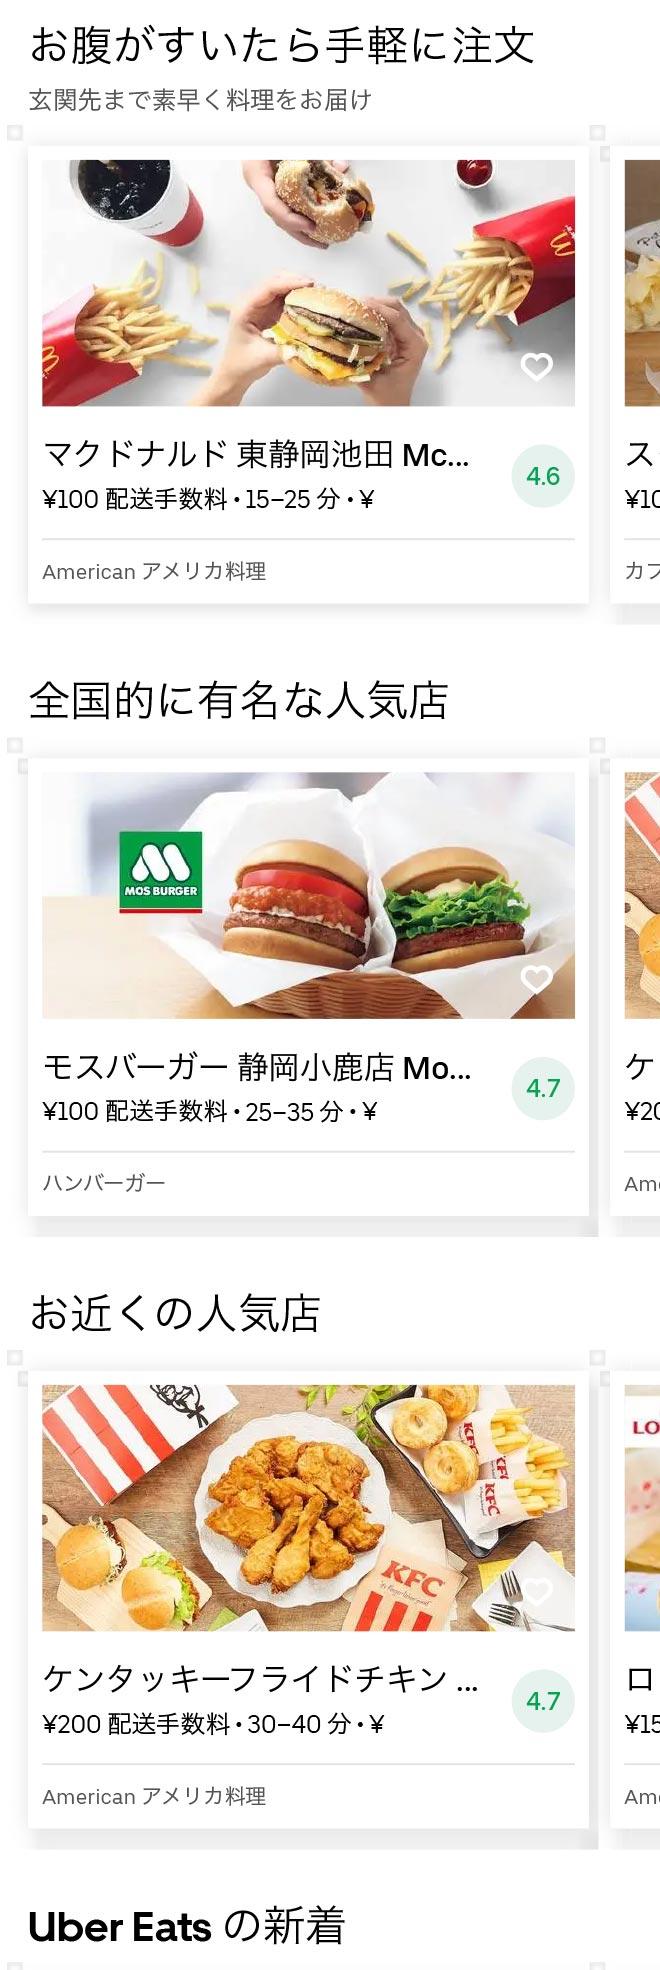 Higashi shizuoka menu 2010 01